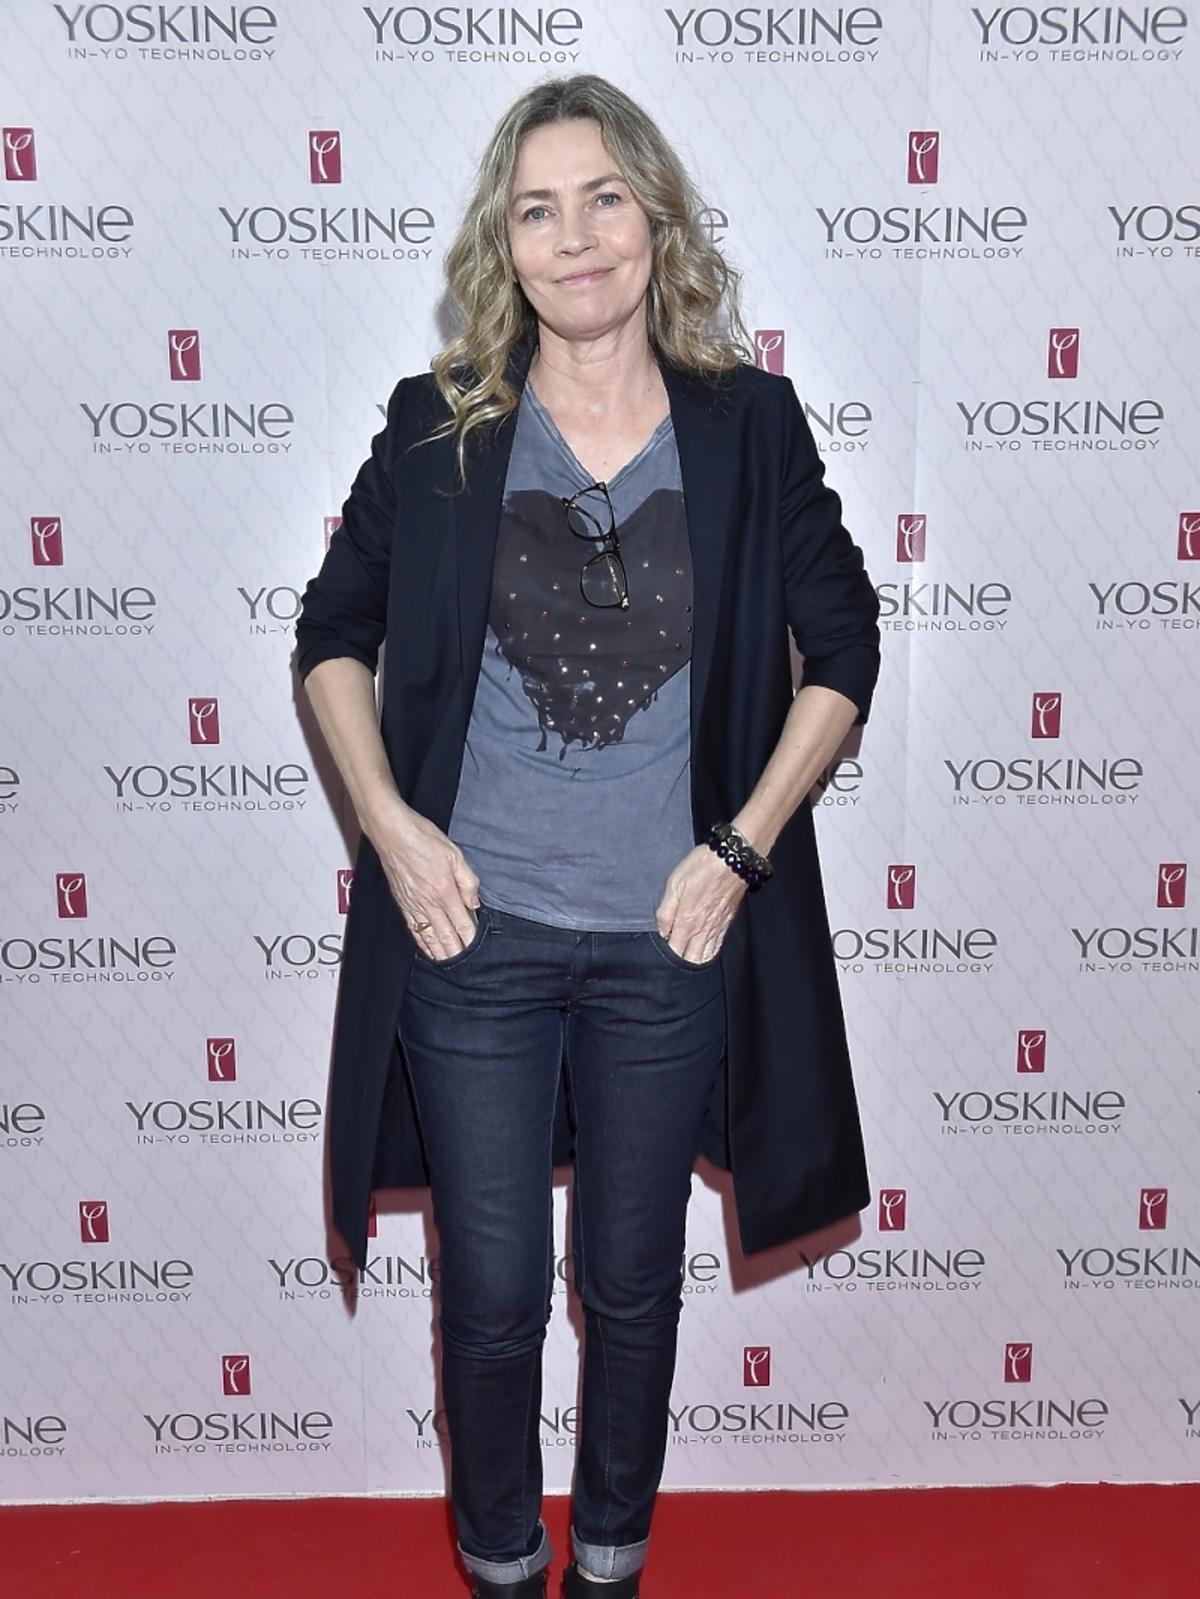 Lidia Popiel na konferencji prasowej Yoskine